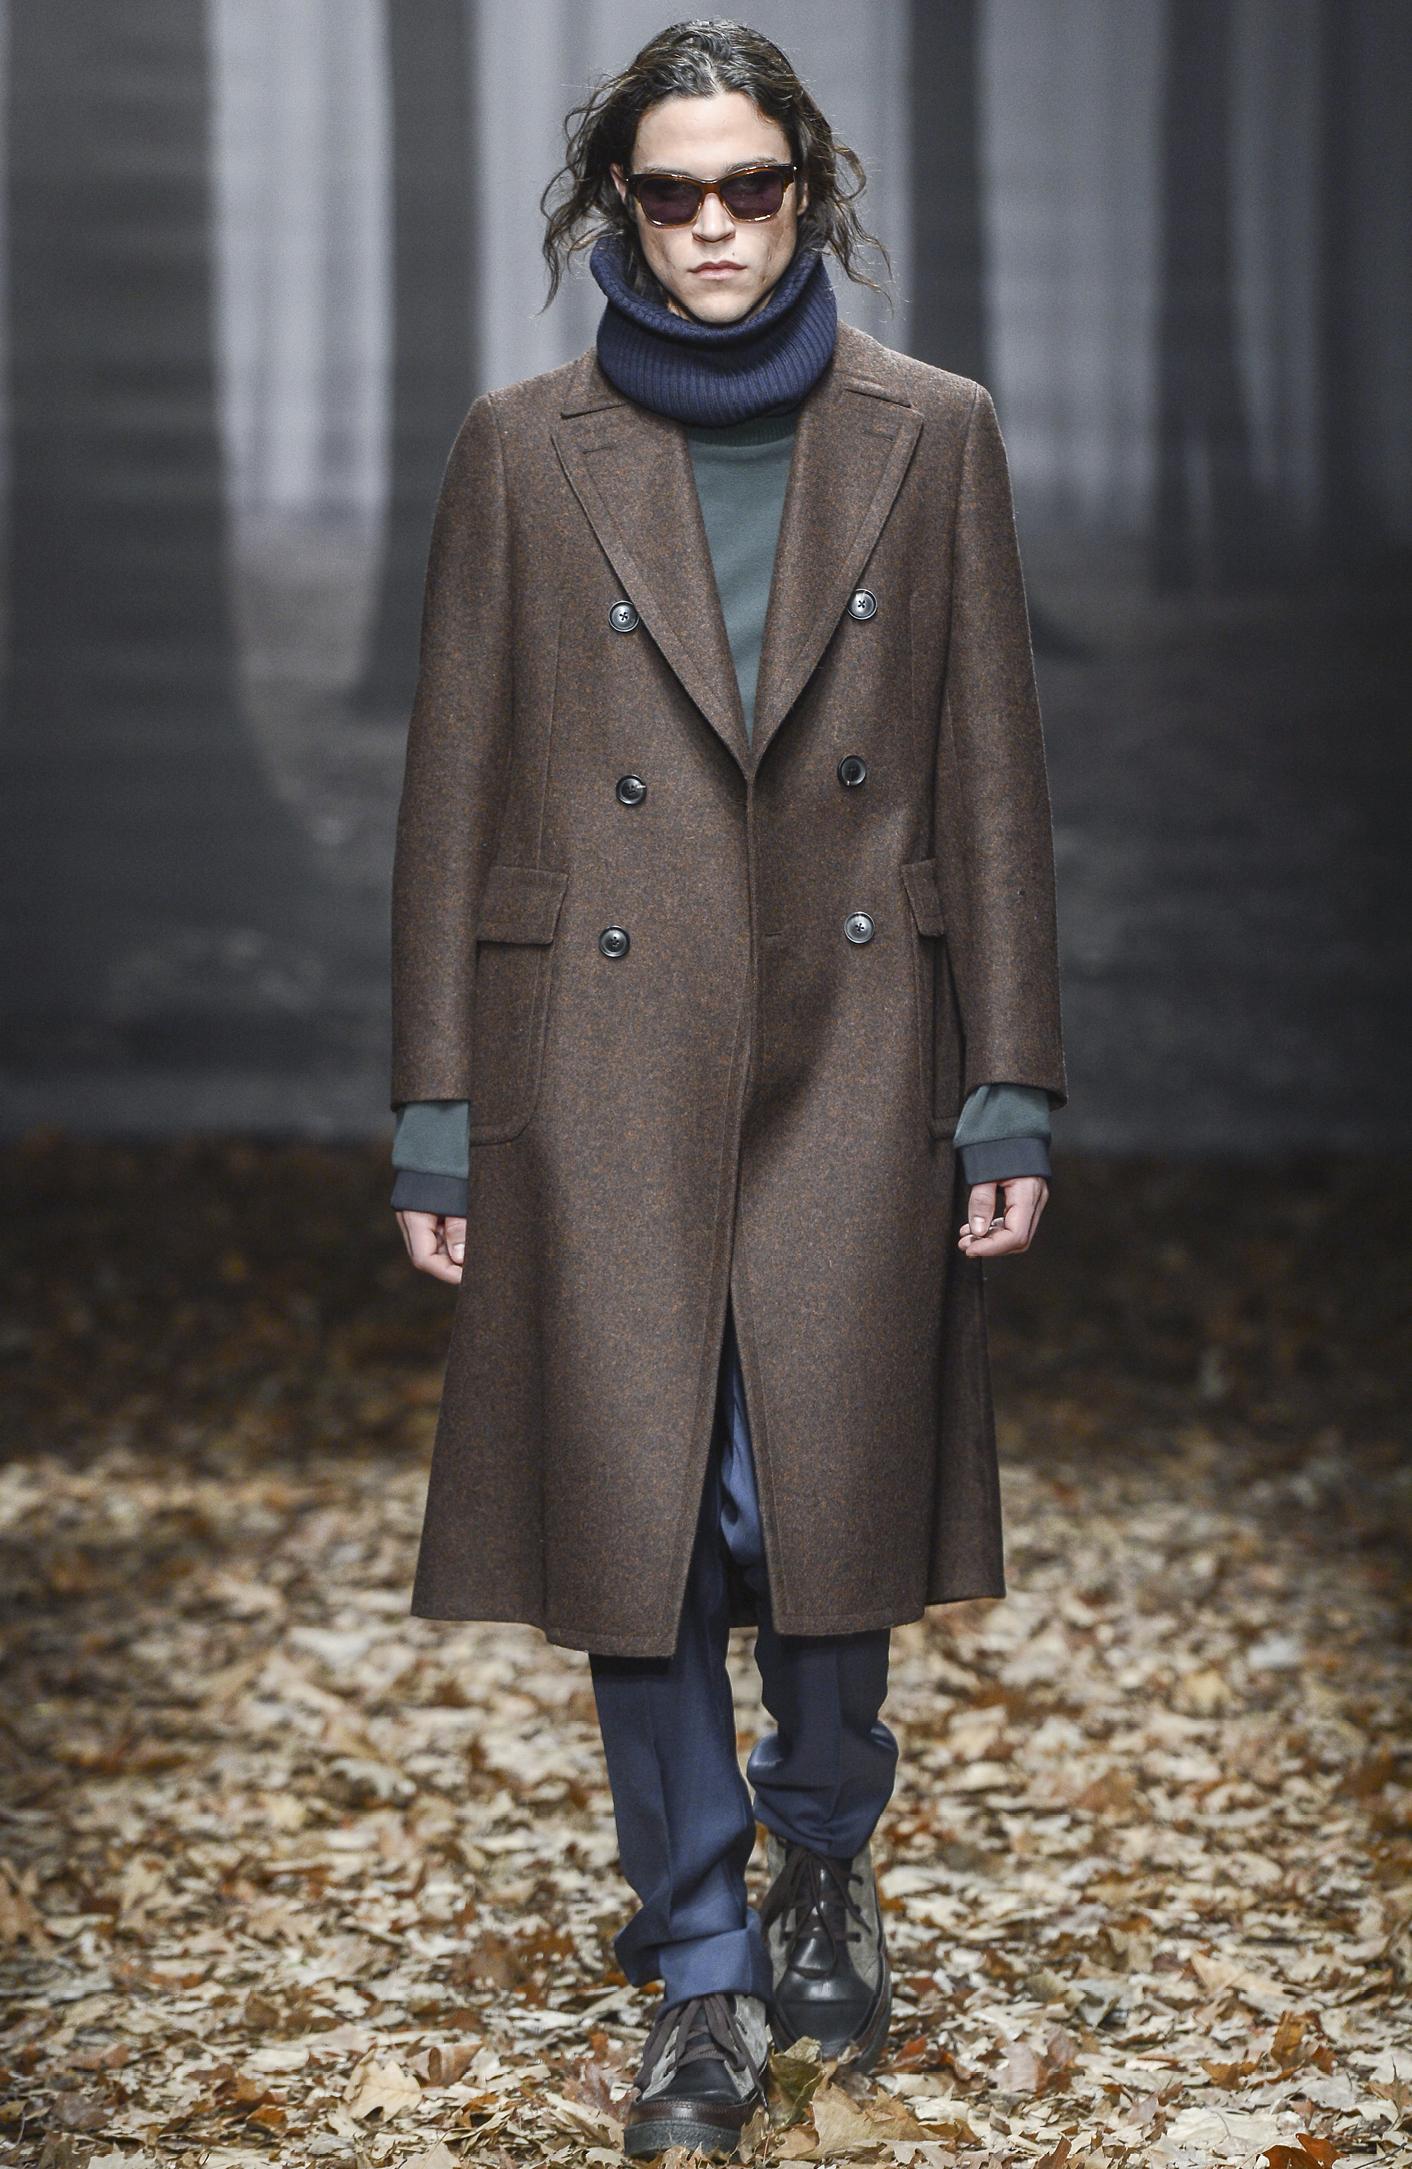 trussardi-milan-fashion-week-fall-2013-08